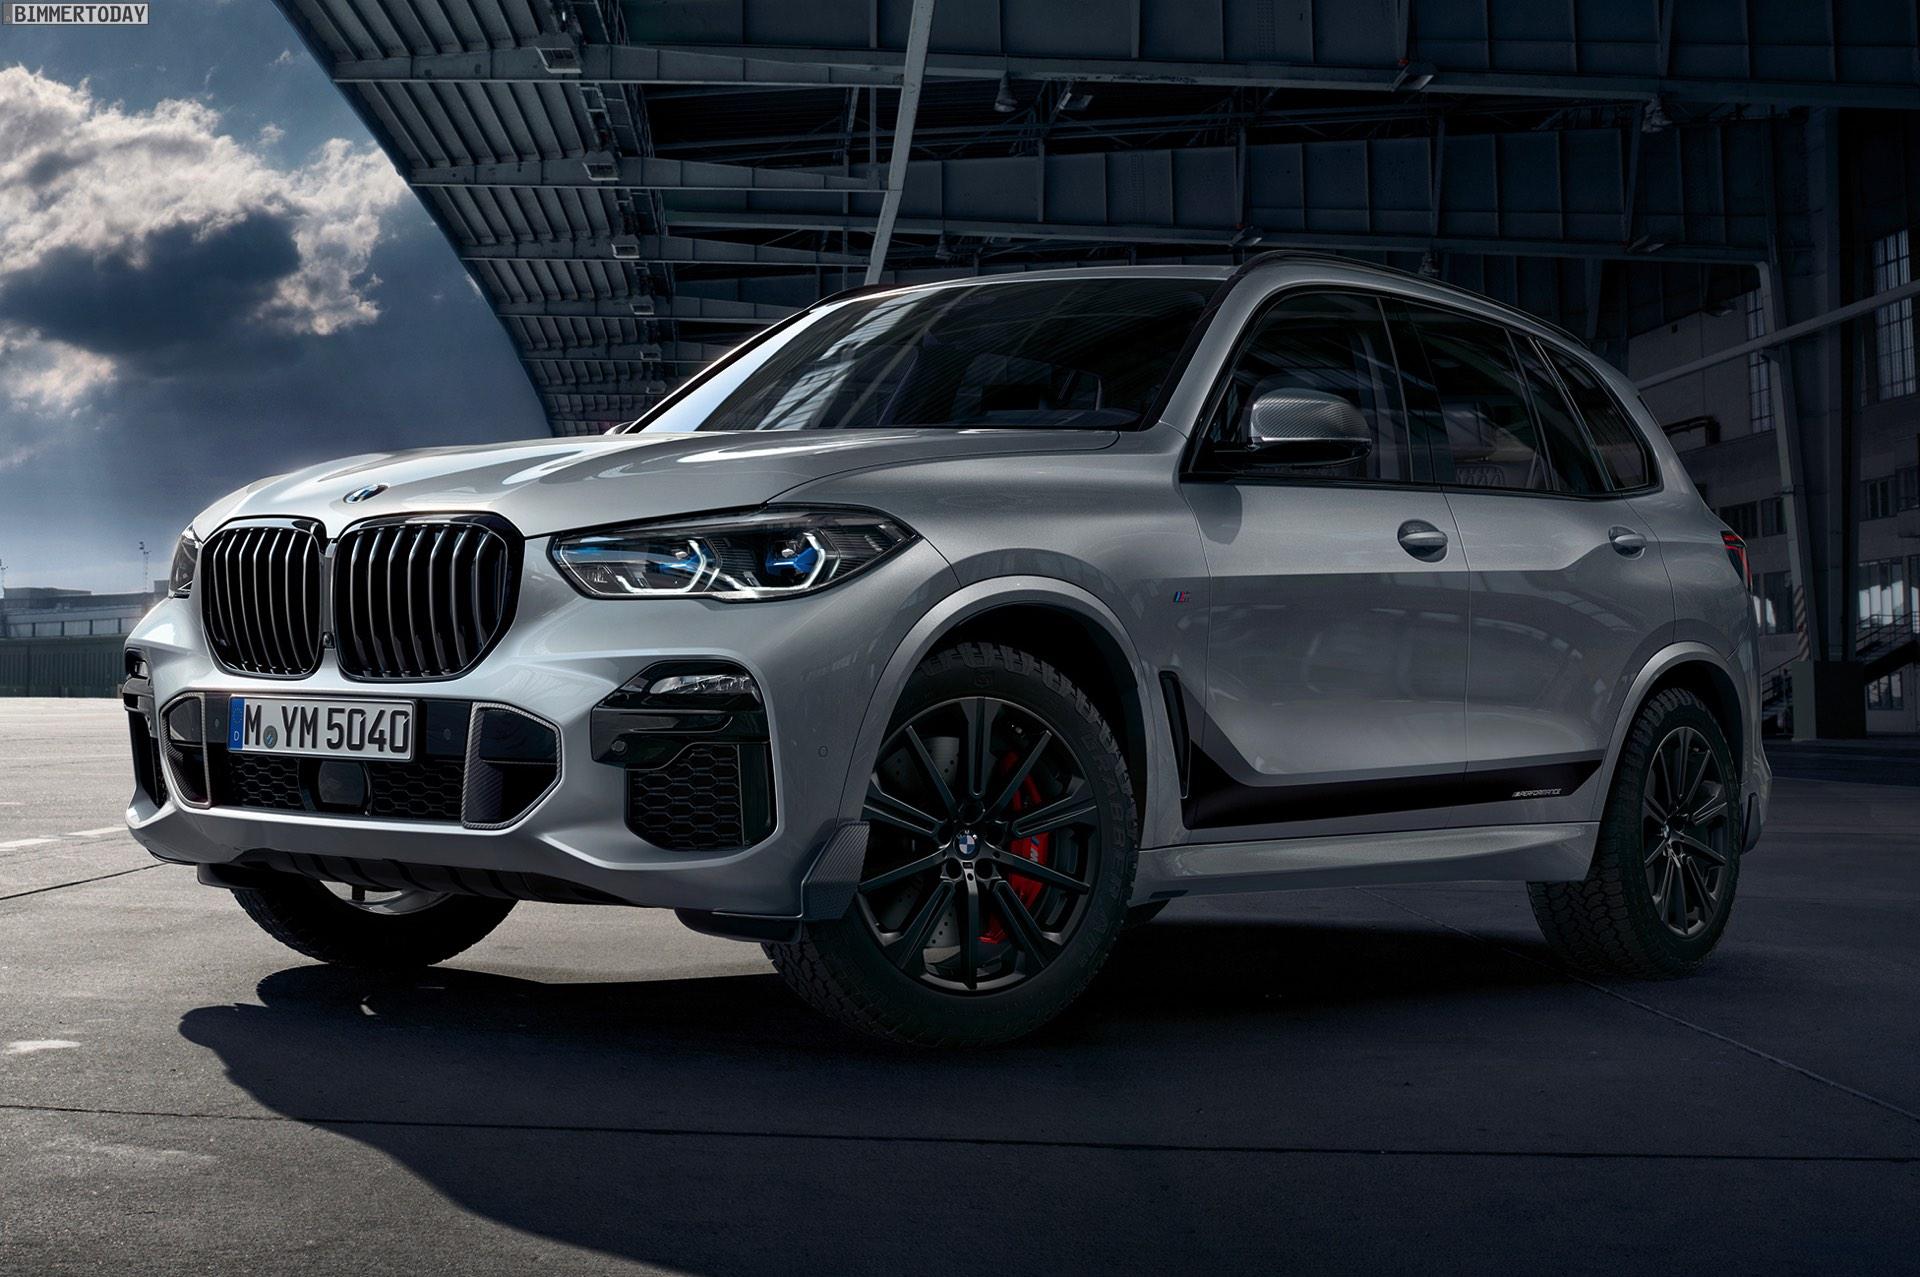 BMW X5 G05: So kommt das M Performance Tuning-Zubehör